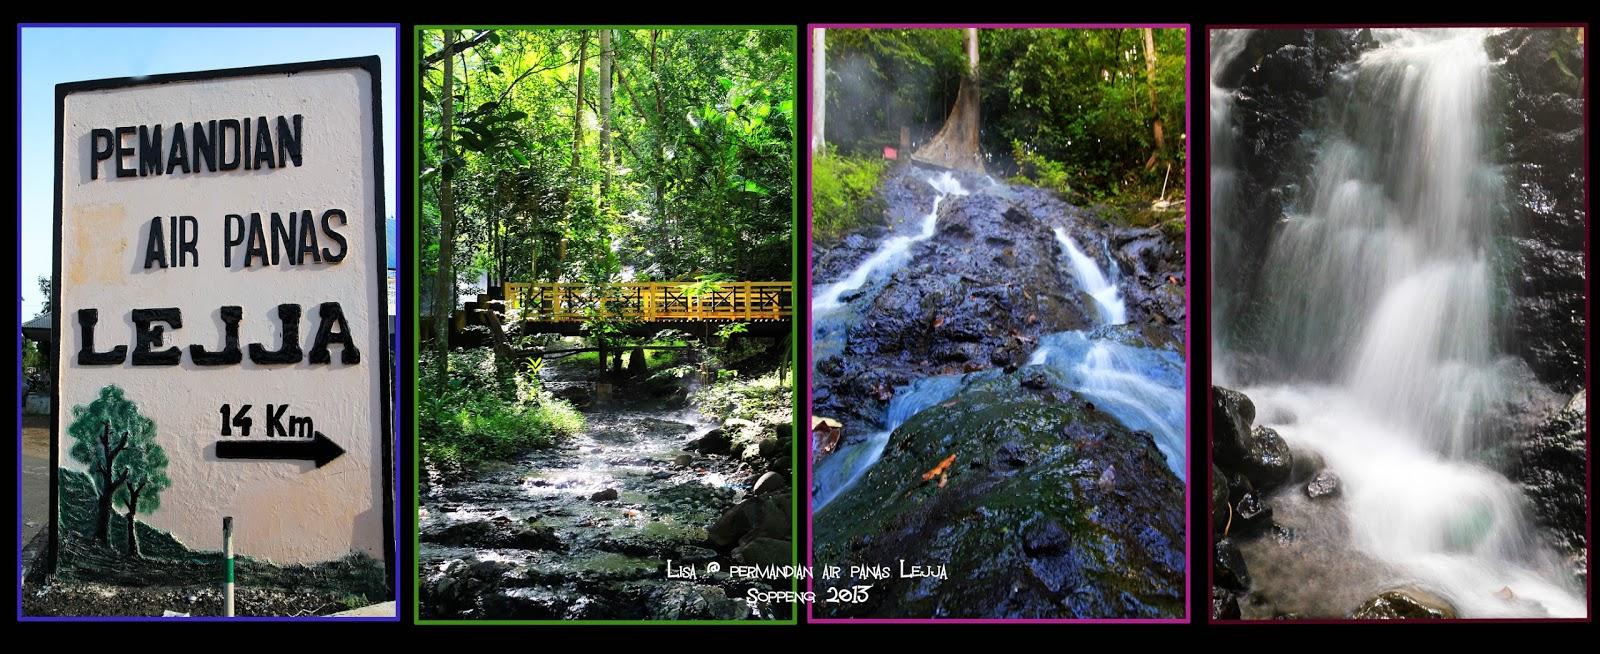 Lejja, Permandian Menyehatkan di Tengah Hutan